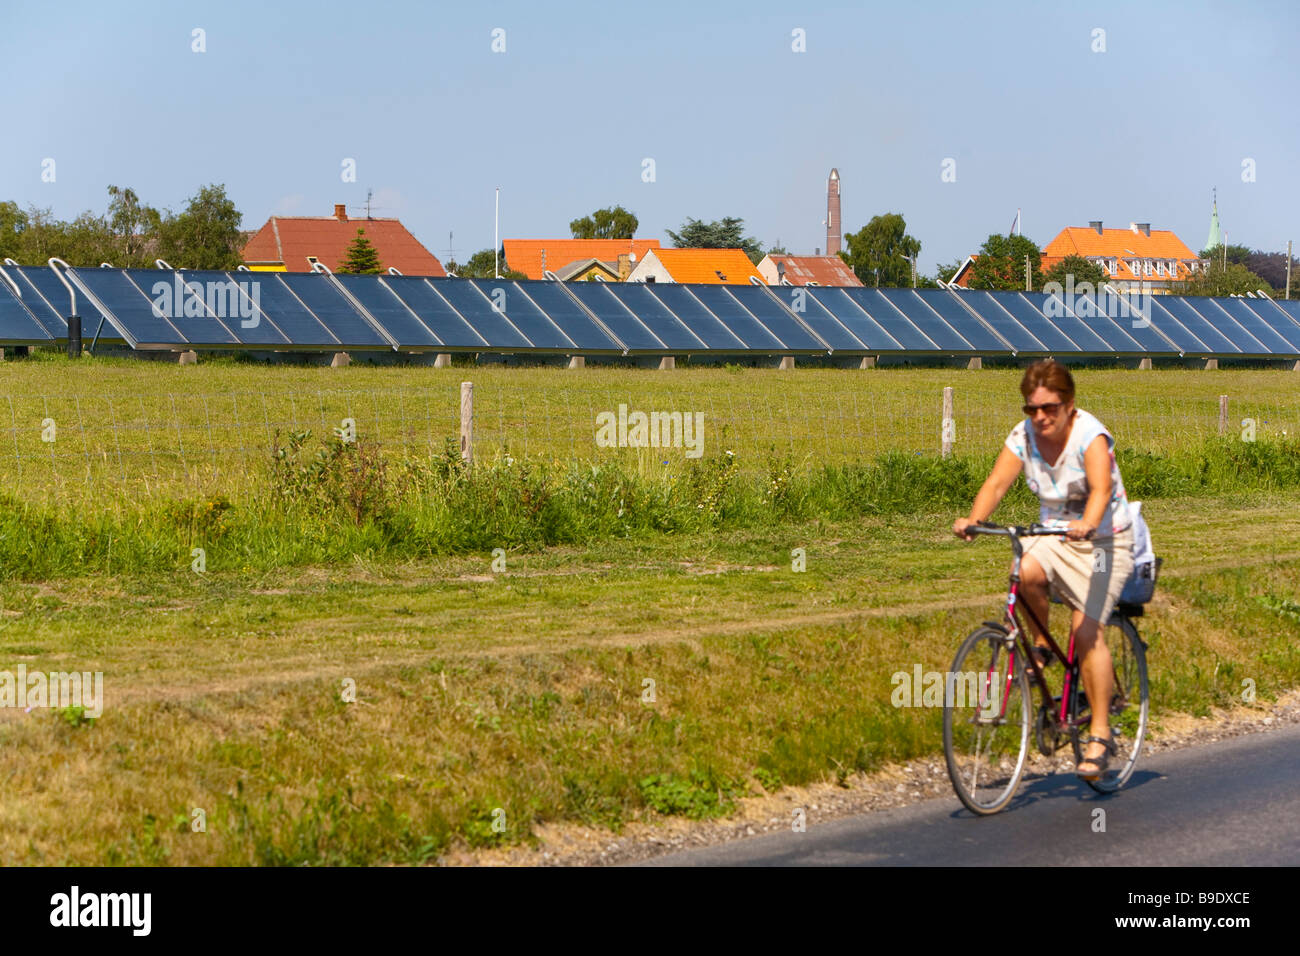 solar plant Marstal Ærø island Funen Denmark - Stock Image